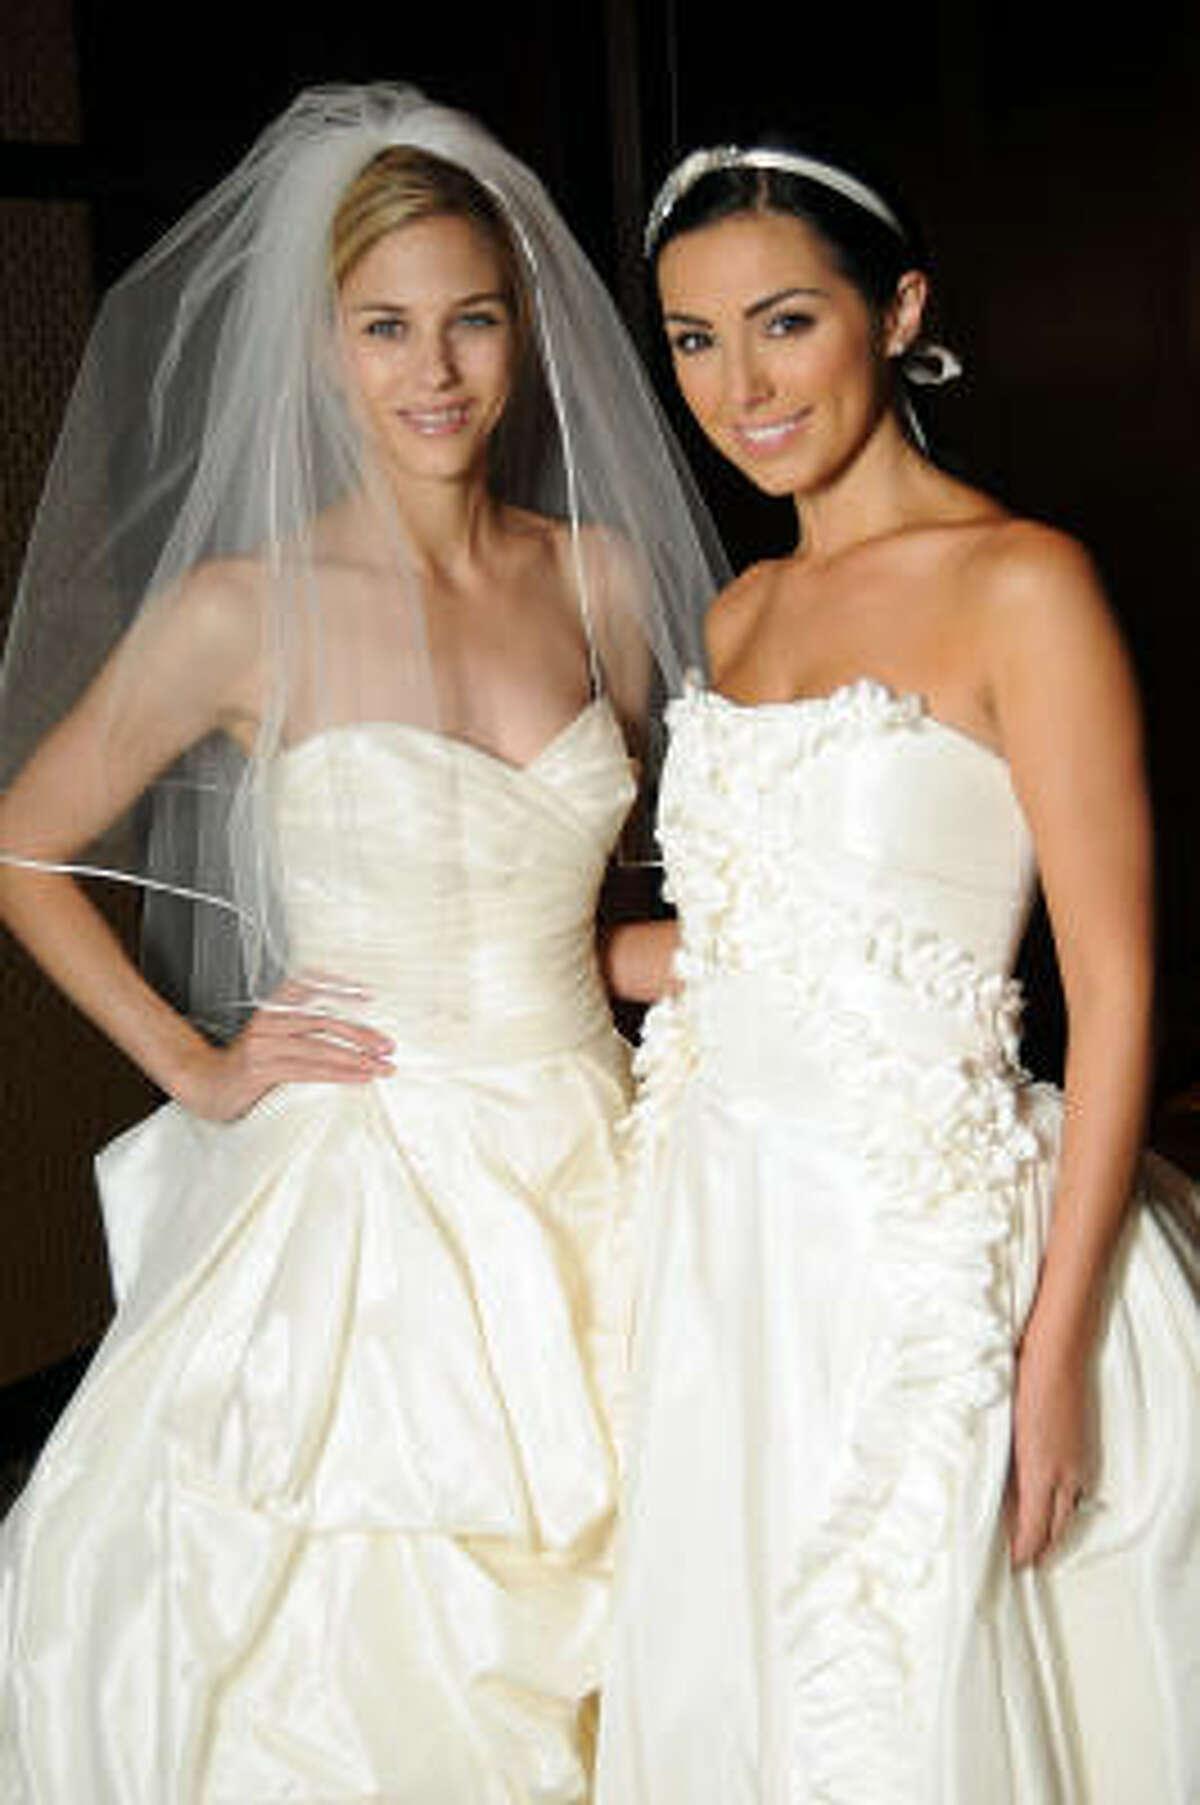 Models Lindsay Mallia and Magen Ellis